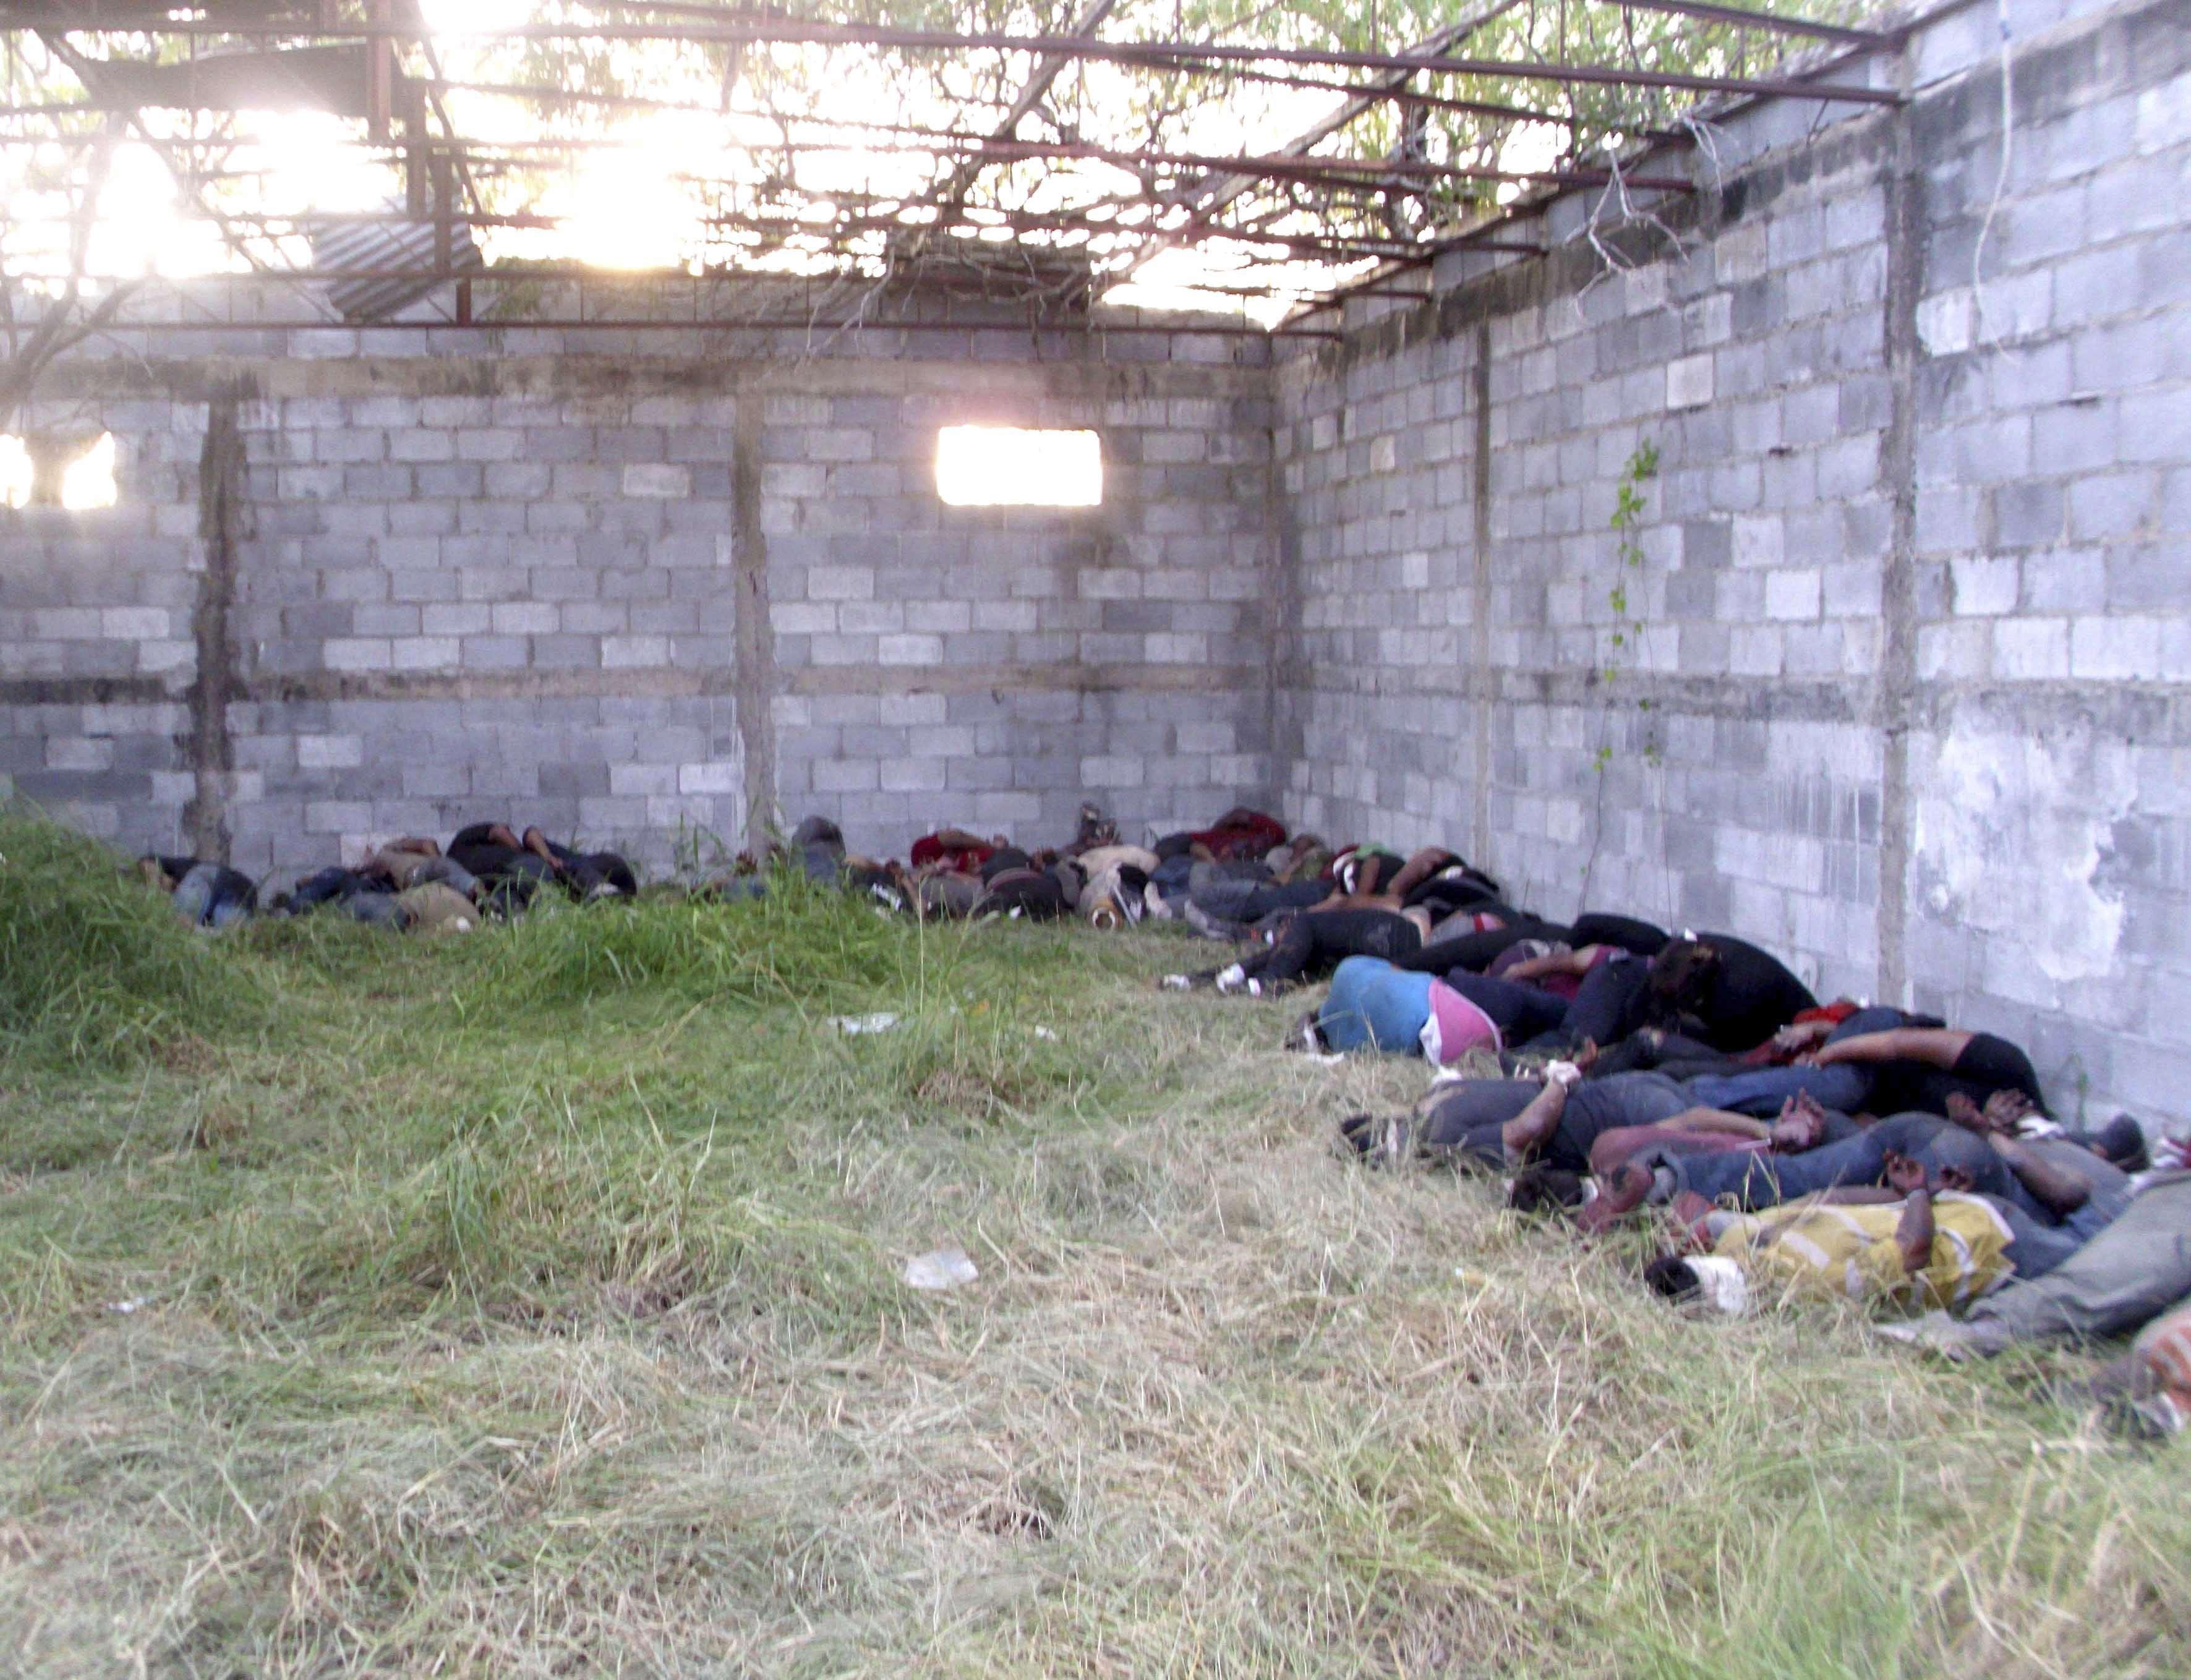 El acuerdo tiene por objeto la identificación y determinación de causa de muerte de diversos restos que pudieran estar relacionados con homicidios de migrantes, 72 localizados el 23 de agosto de 2010 en San Fernando, Tamaulipas. Foto: Archivo/AP en español